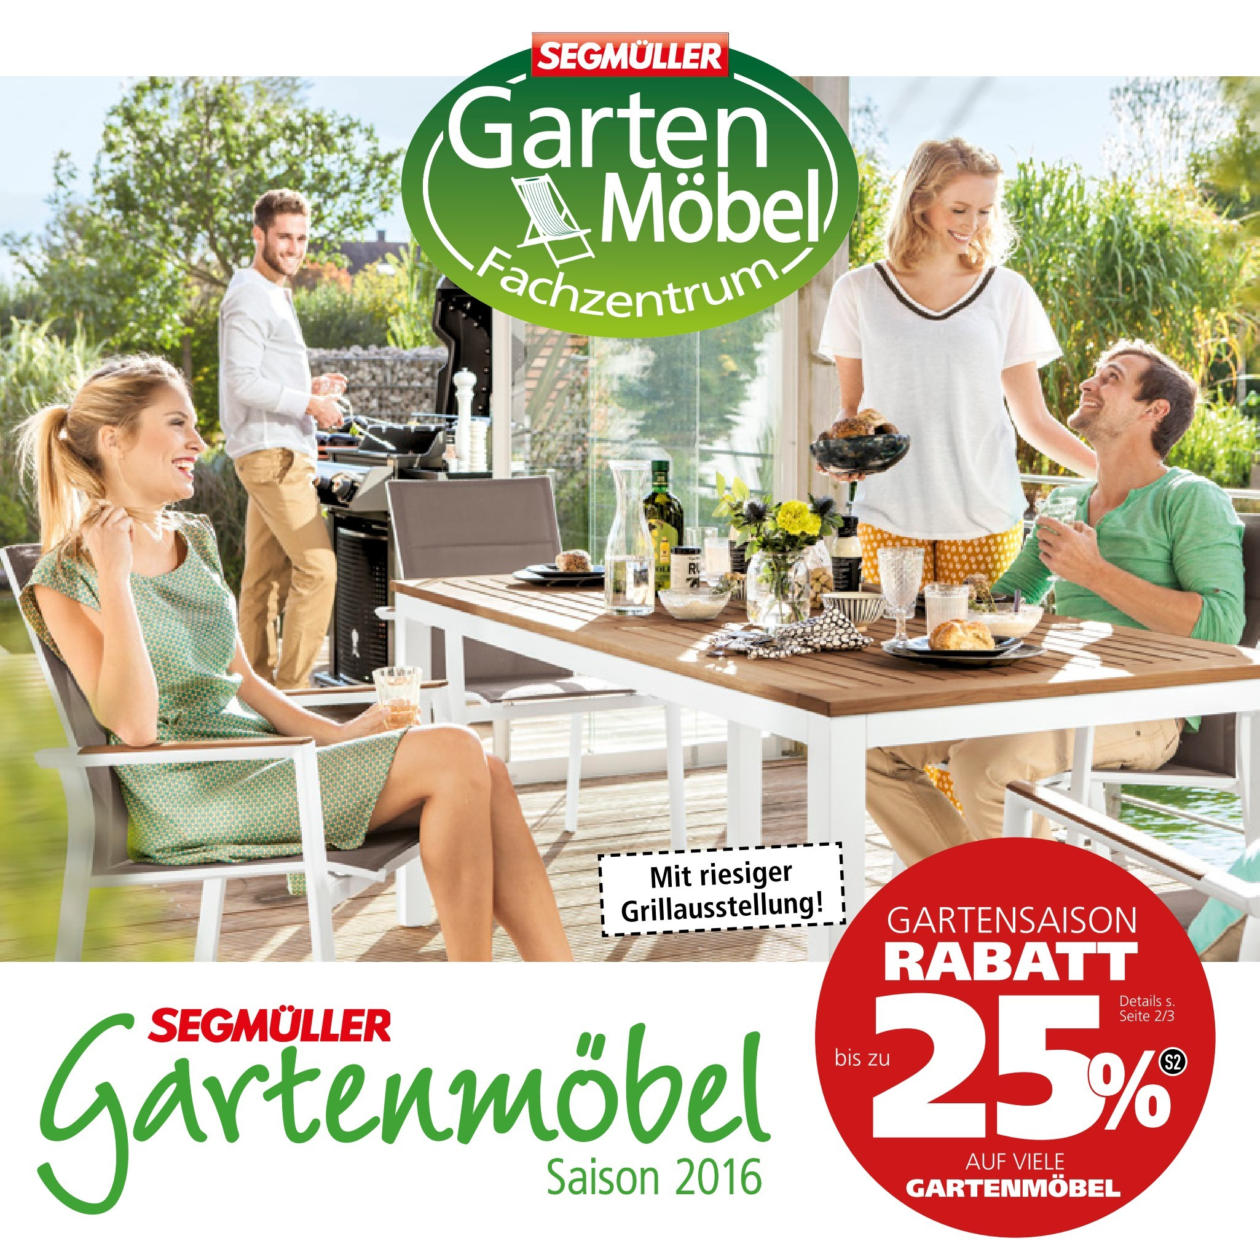 segmuller kuchen foto zu segmller friedberg bayern deutschland with segmuller kuchen kche. Black Bedroom Furniture Sets. Home Design Ideas